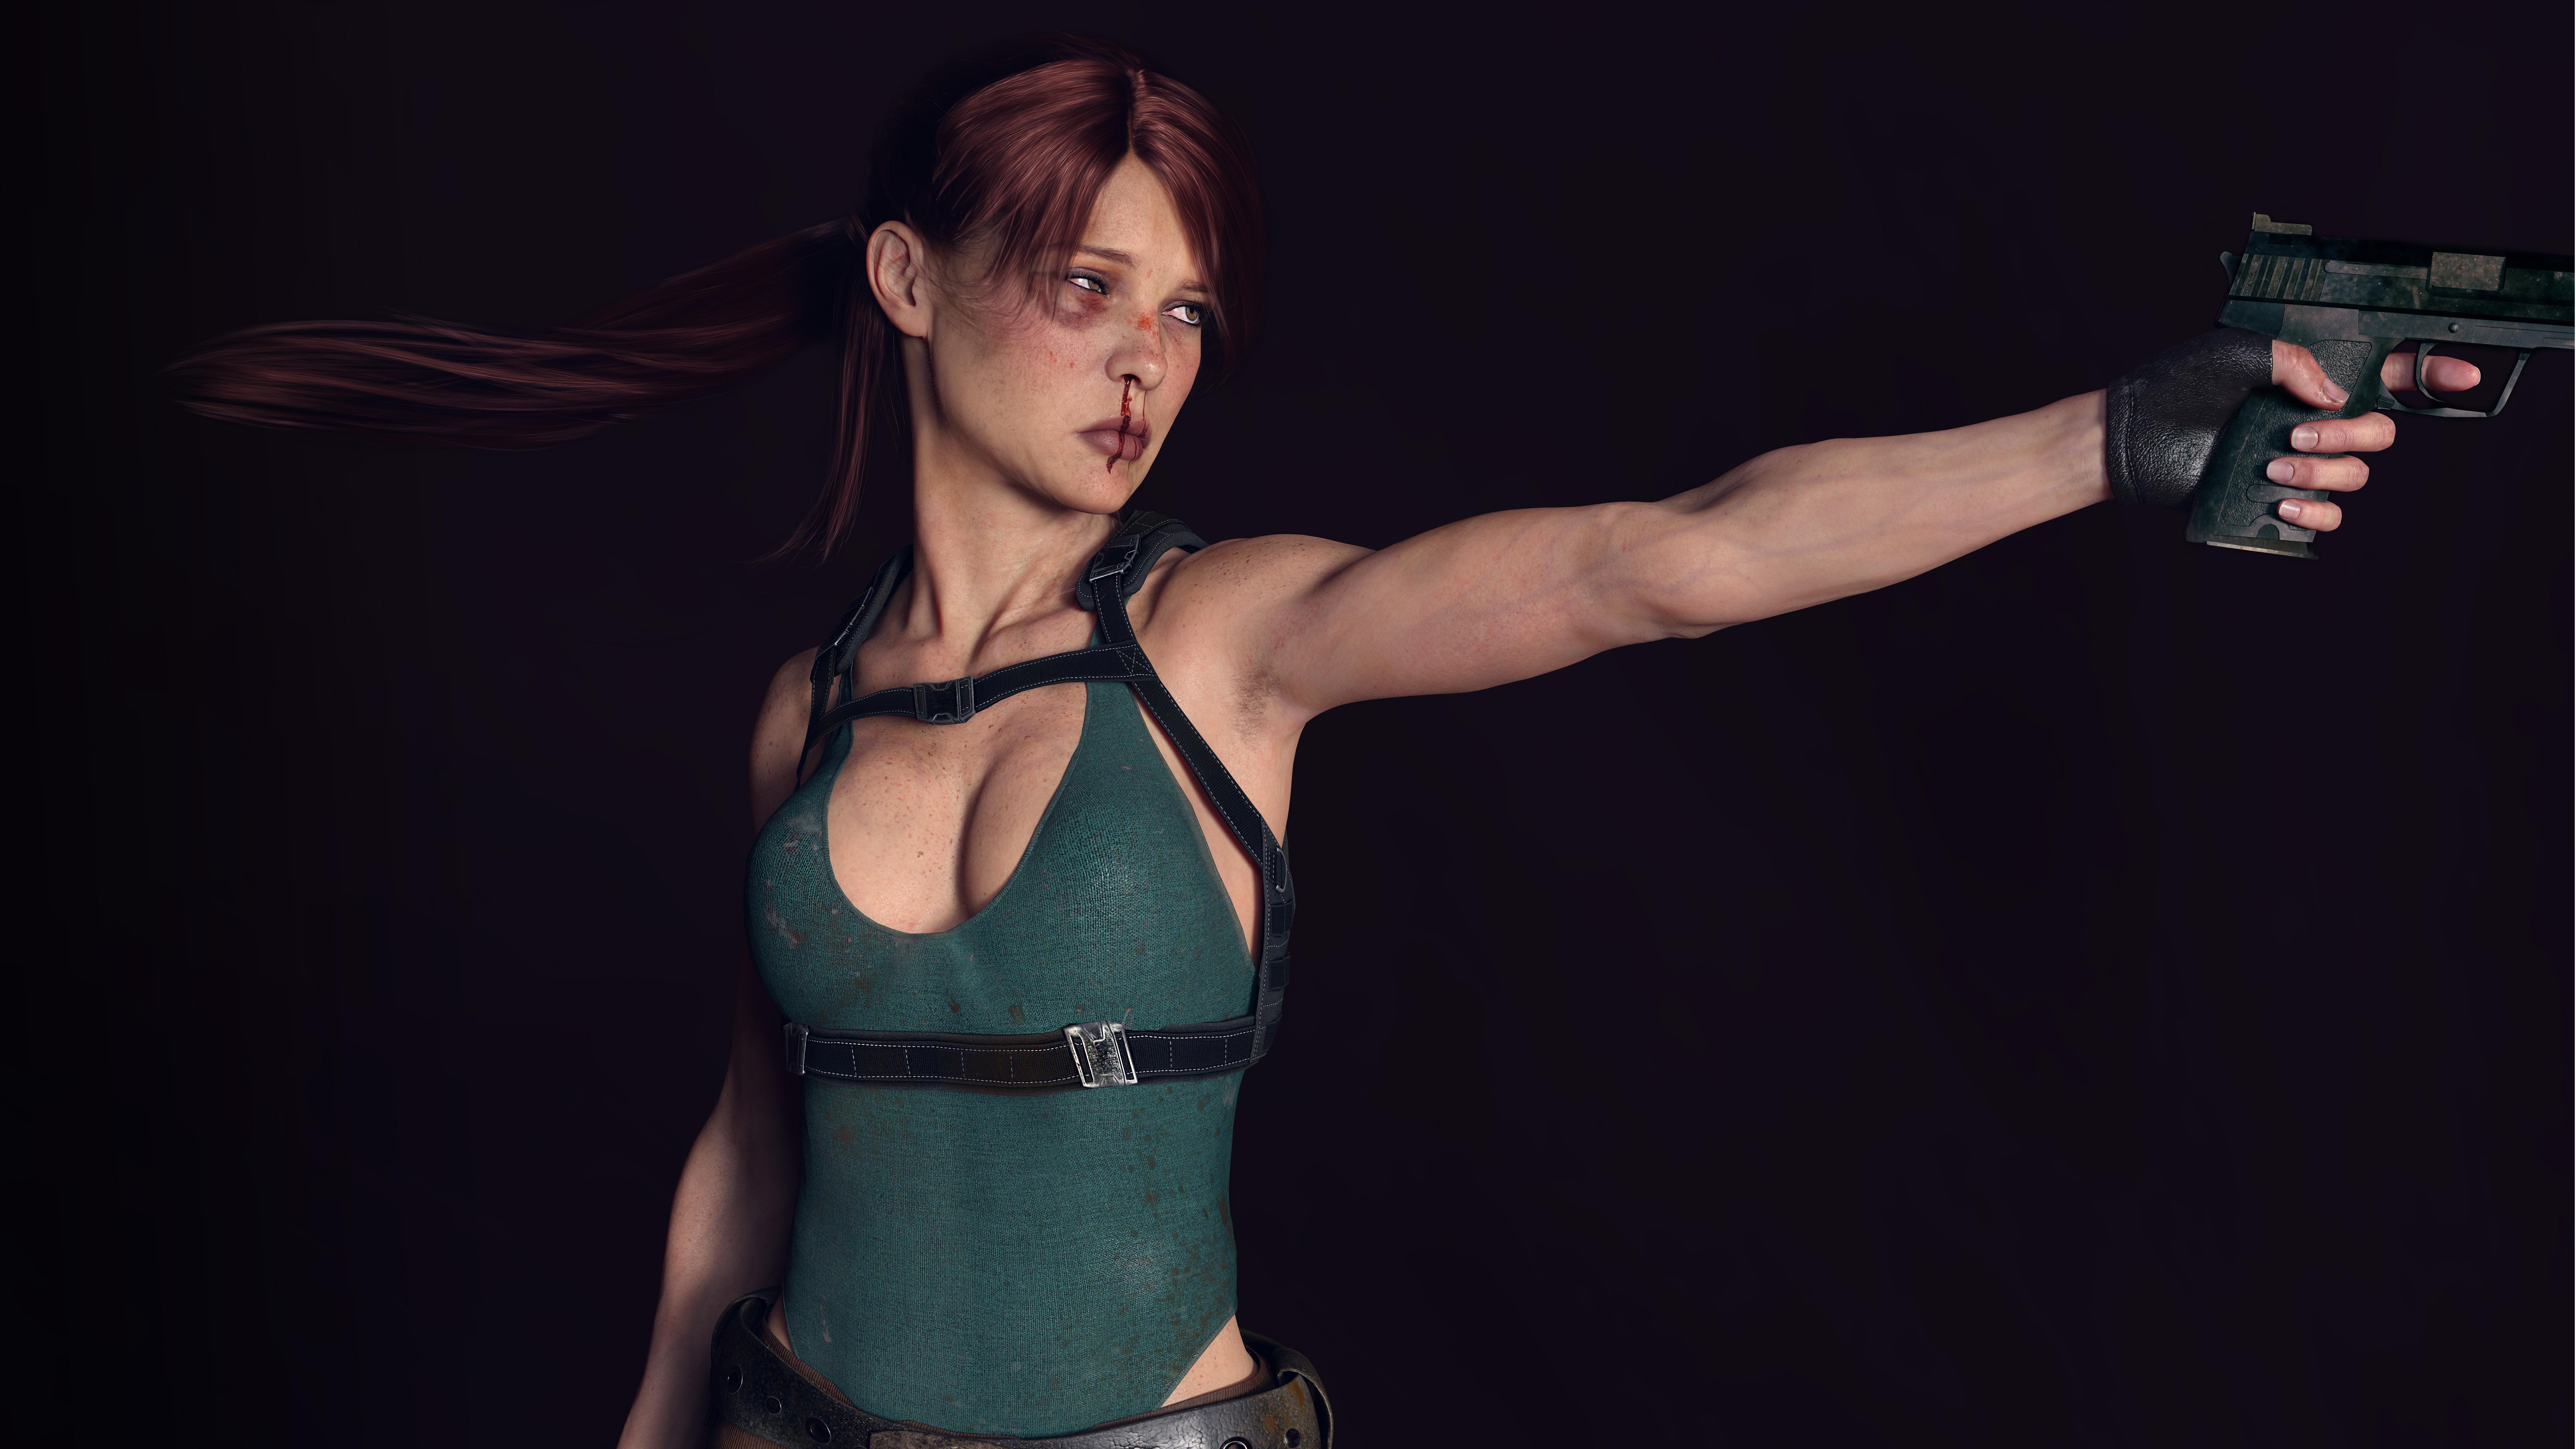 7680x4320 Lara Croft 8k Artwork 8k Hd 4k Wallpapers: Tomb Raider Lara Croft 8k Digital Art, HD Artist, 4k